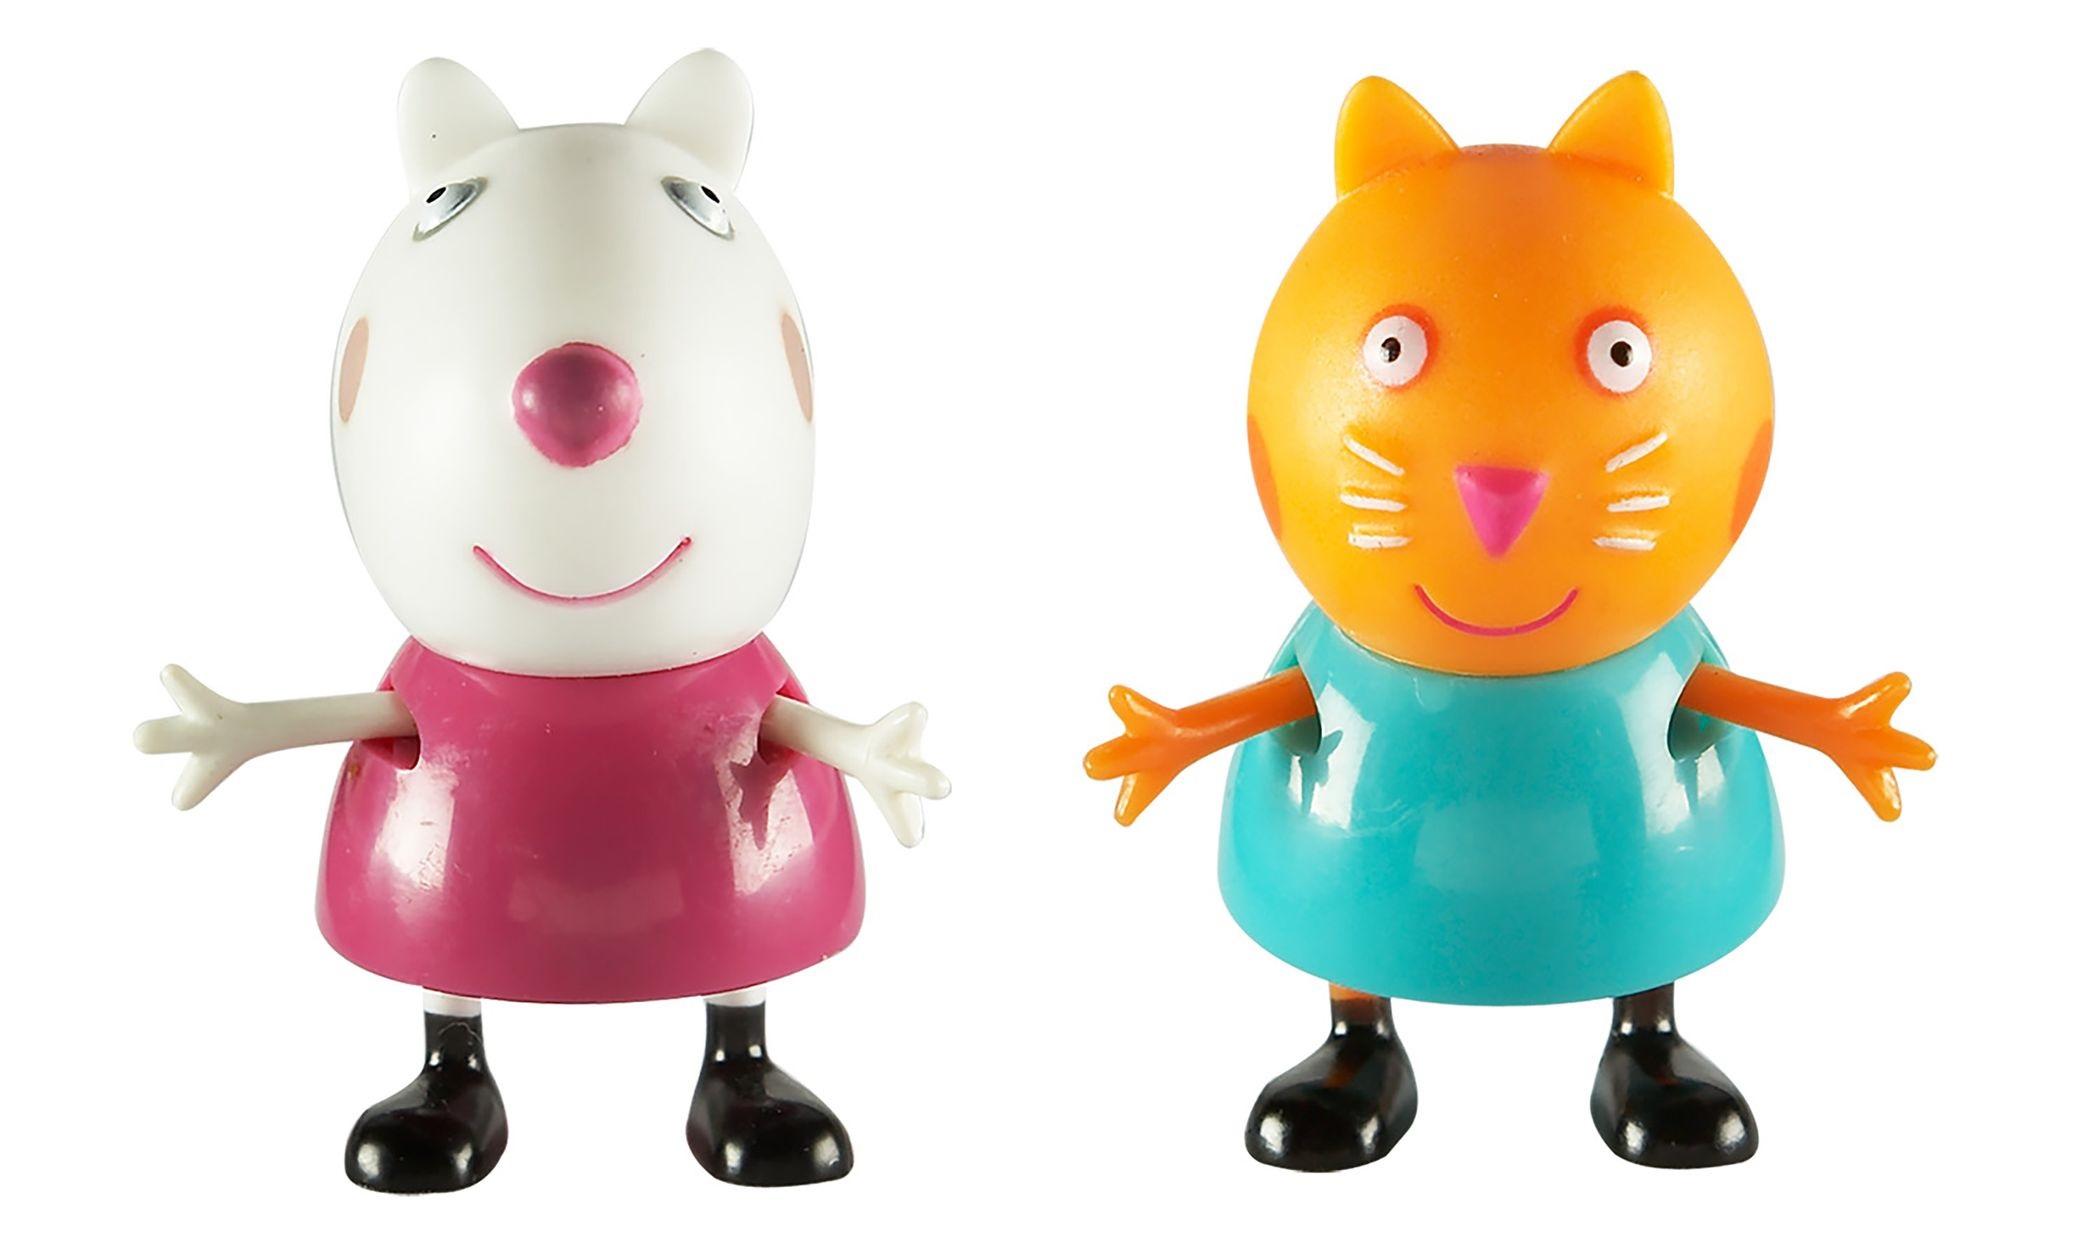 Набор фигурок Peppa Pig: Сьюзи и КендиВаш малыш любит мультсериал Свинка Пеппа? Тогда вам идеально подойдет набор Сьюзи и Кенди с двумя очаровательными фигурками друзей веселой свинки.<br>